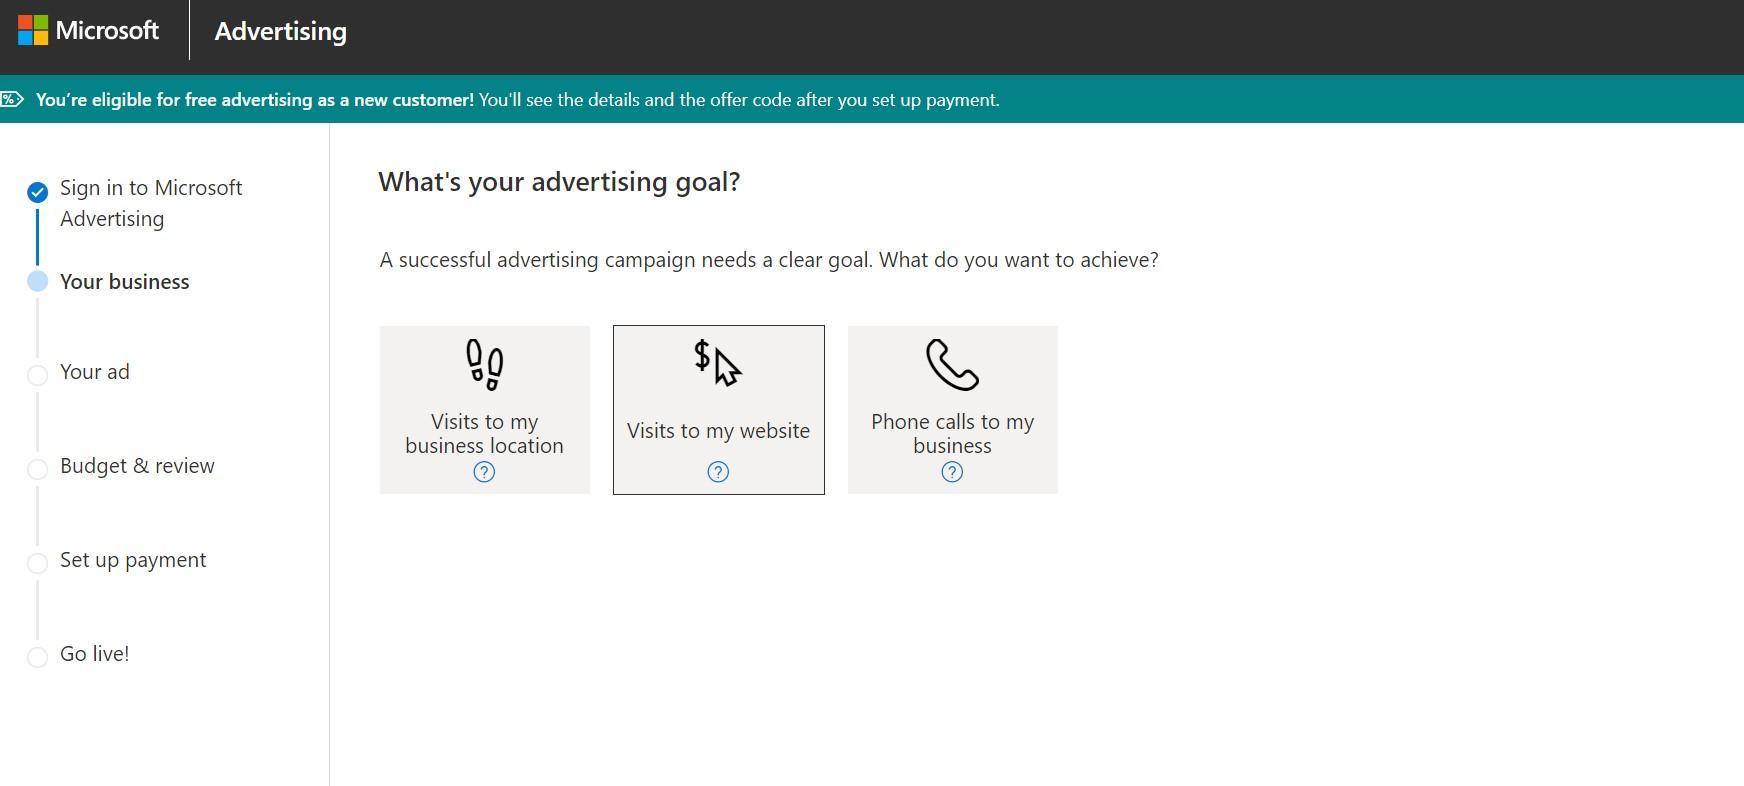 Picking an advertising goal in Microsoft Advertising (Bing Ads)